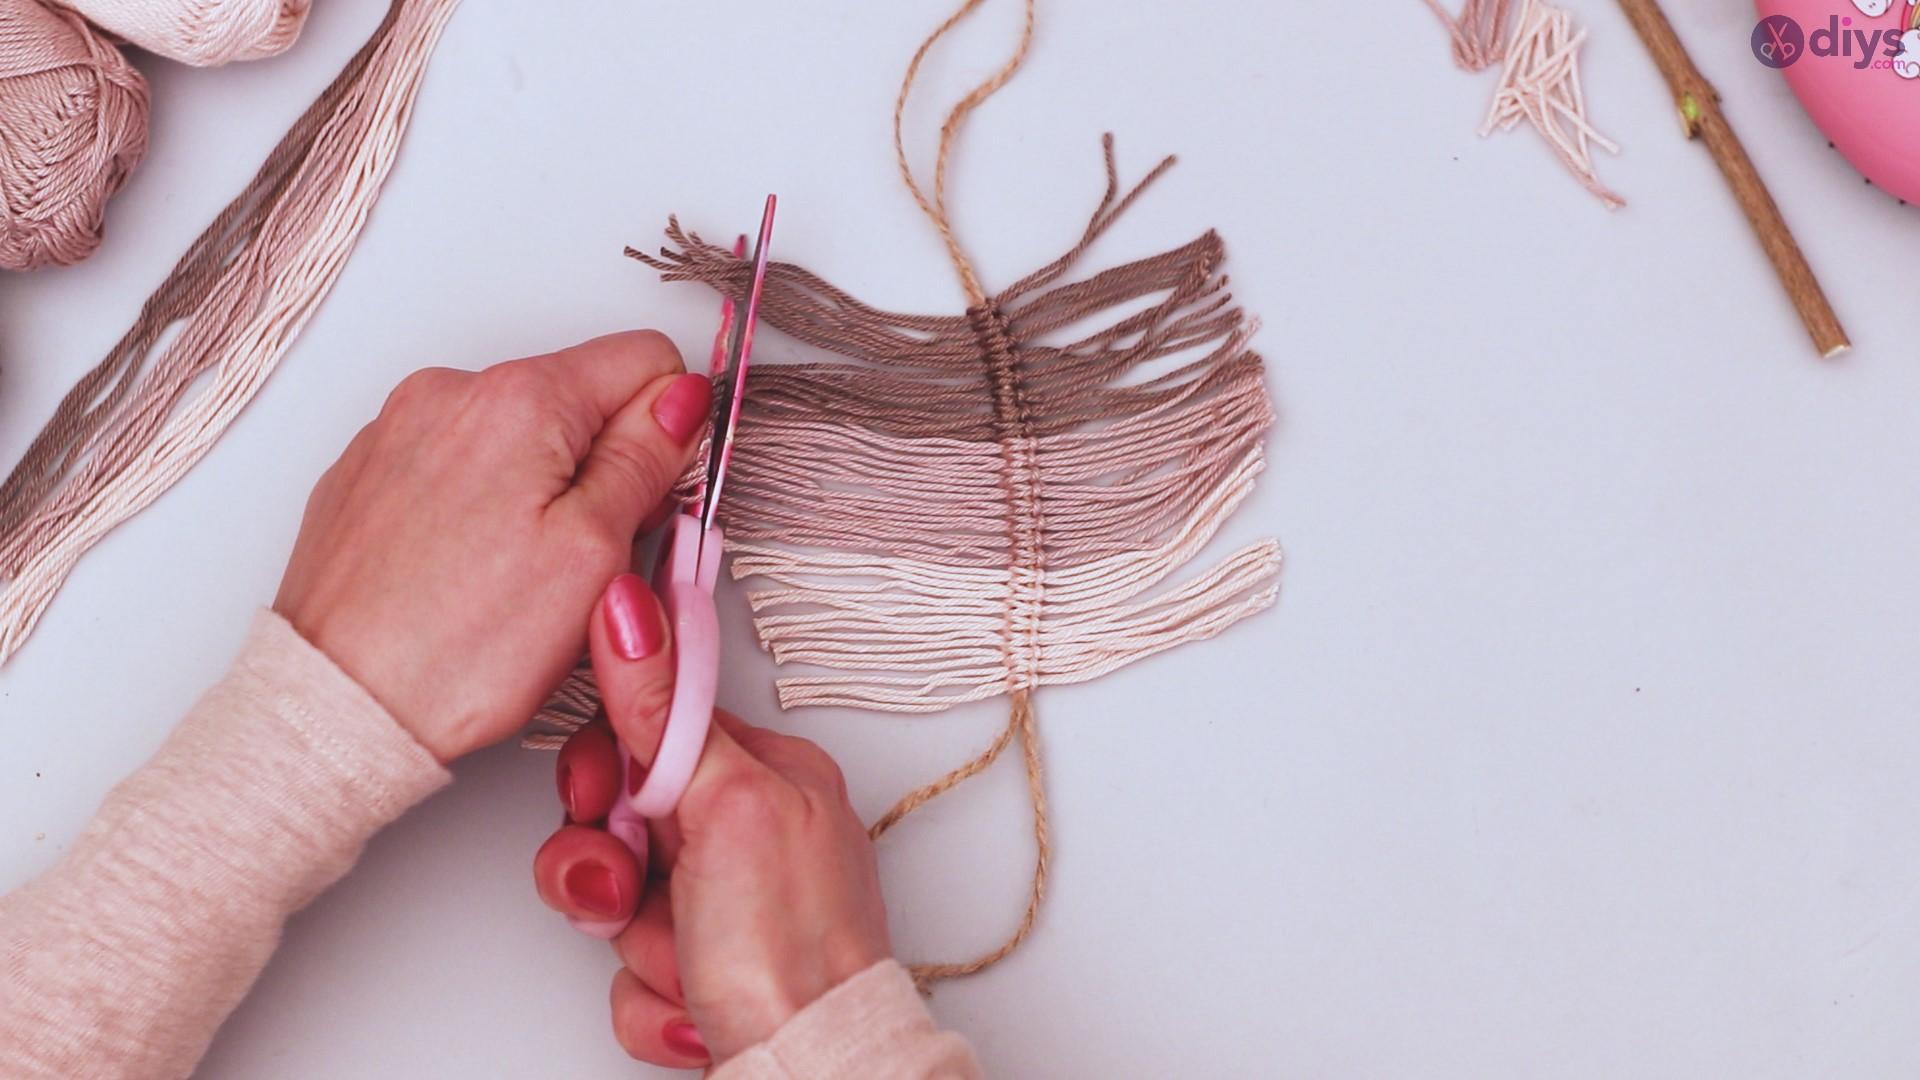 Diy yarn leaf wall decor tutorial (28)